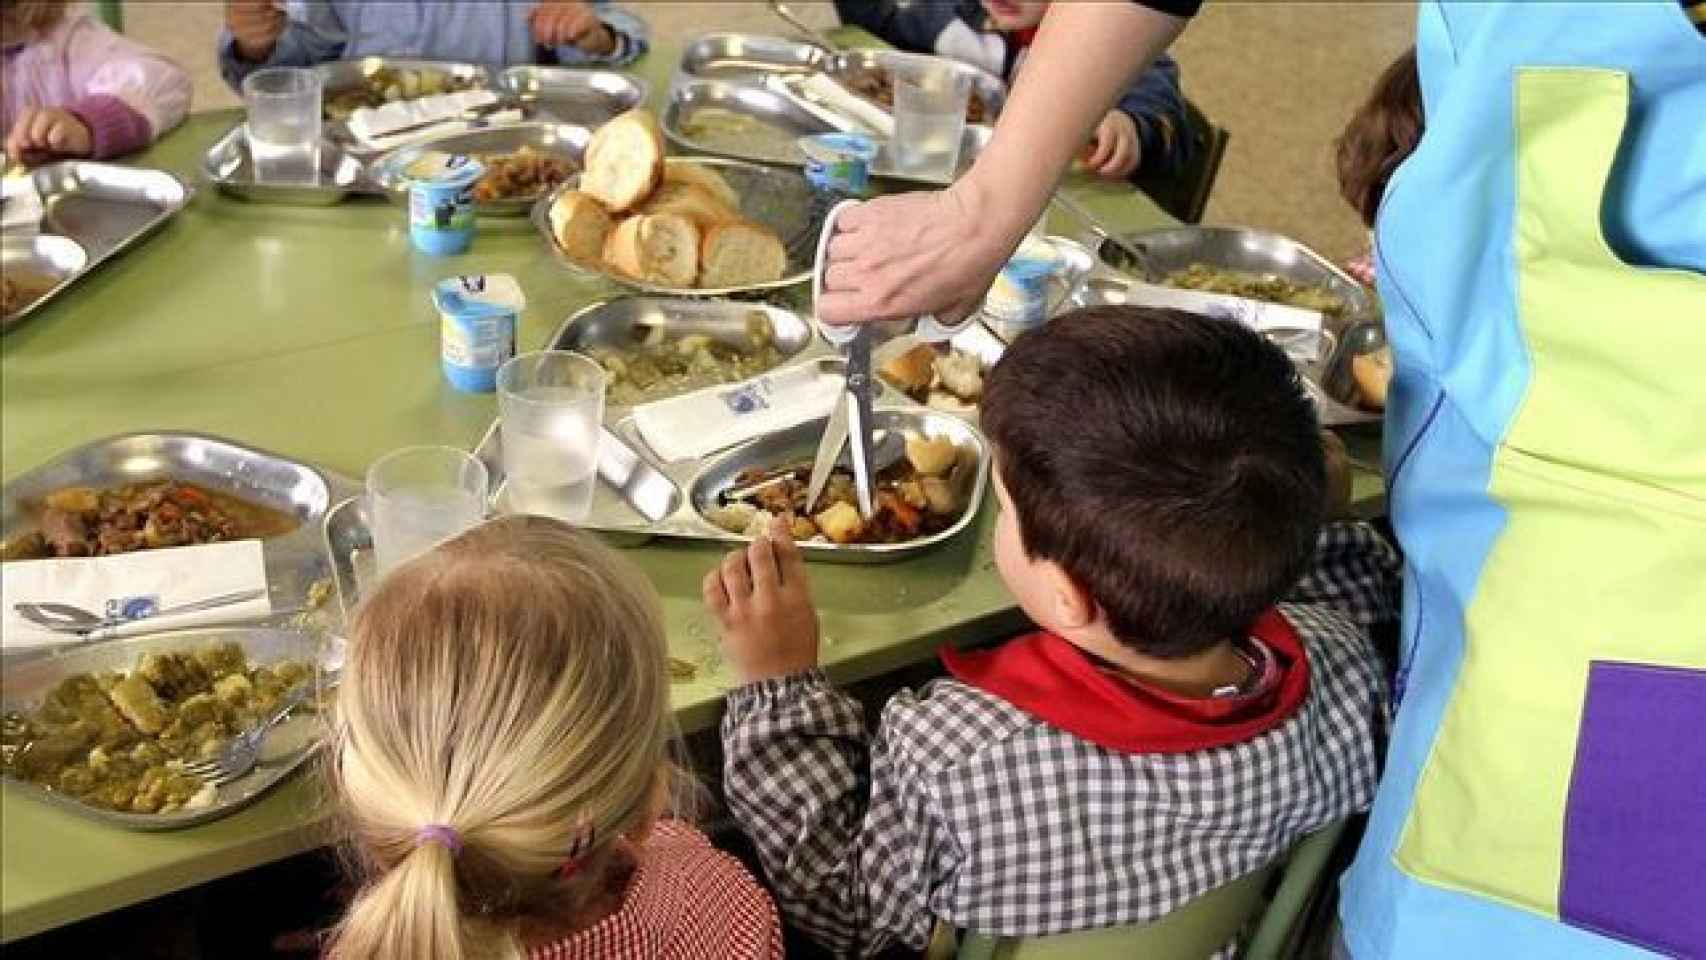 El precio medio del menú escolar en Navarra es el mayor de toda España: 6,25 euros